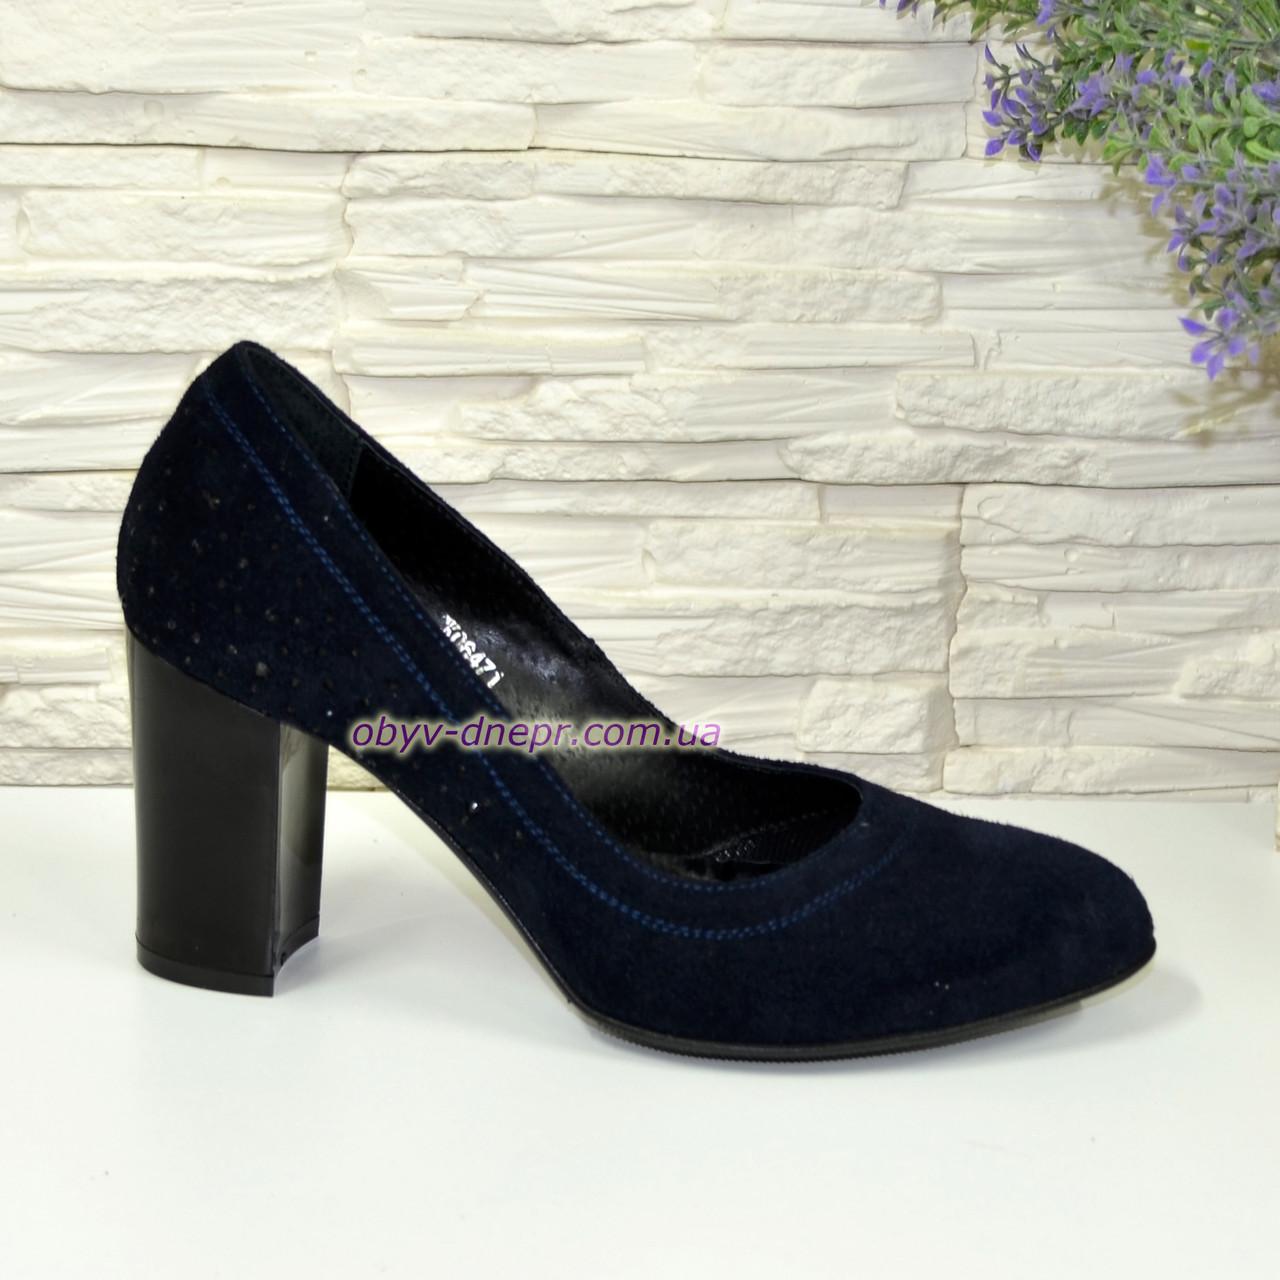 40bd62f862d9 Замшевые синие женские туфли на устойчивом высоком каблуке ...